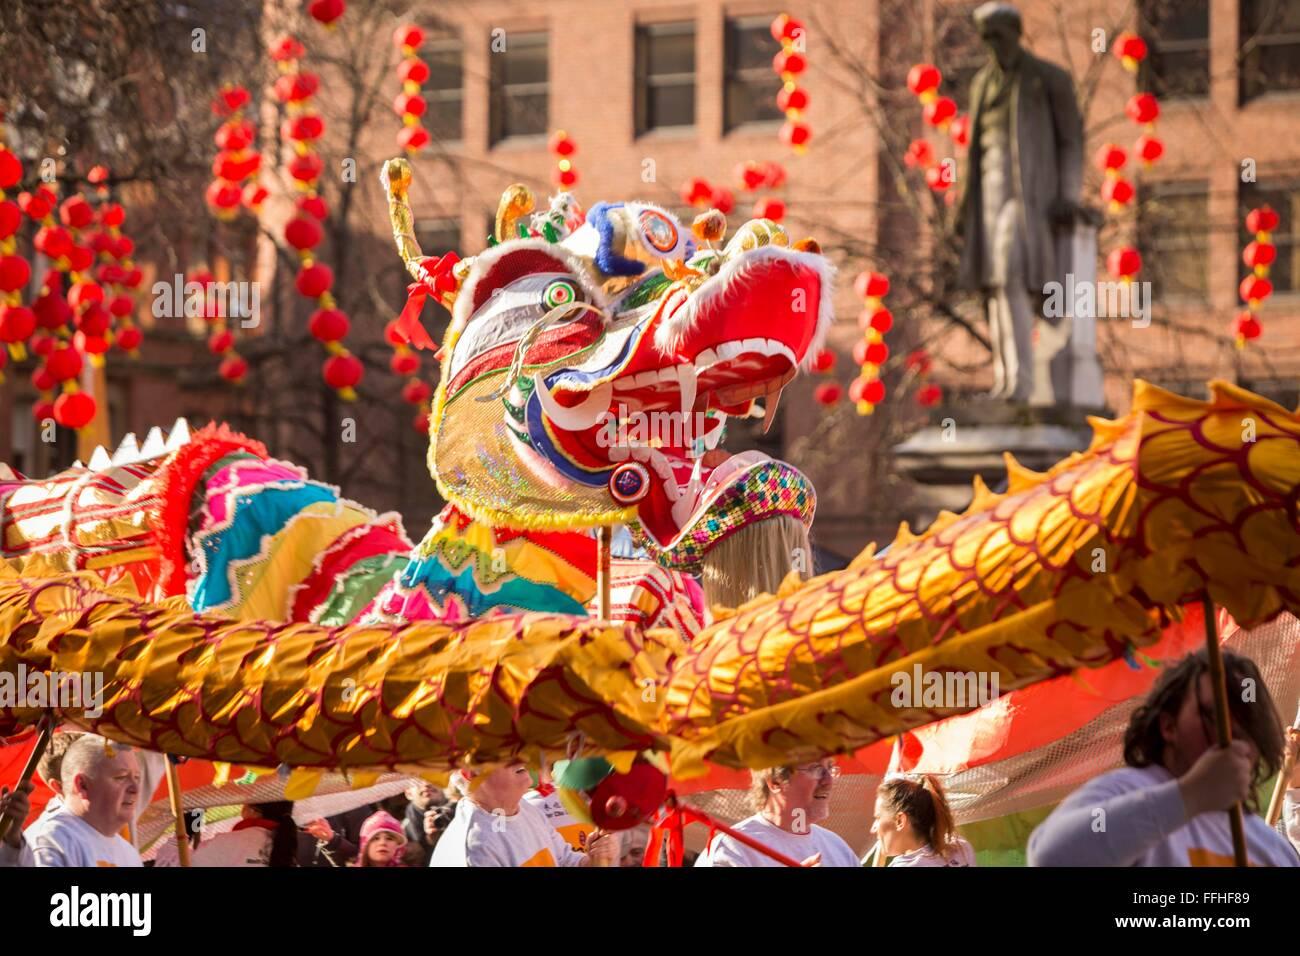 Manchester celebra el Año Nuevo Chino hoy (domingo 7 de febrero de 2016) con un desfile del dragón y danzas tradicionales Foto de stock